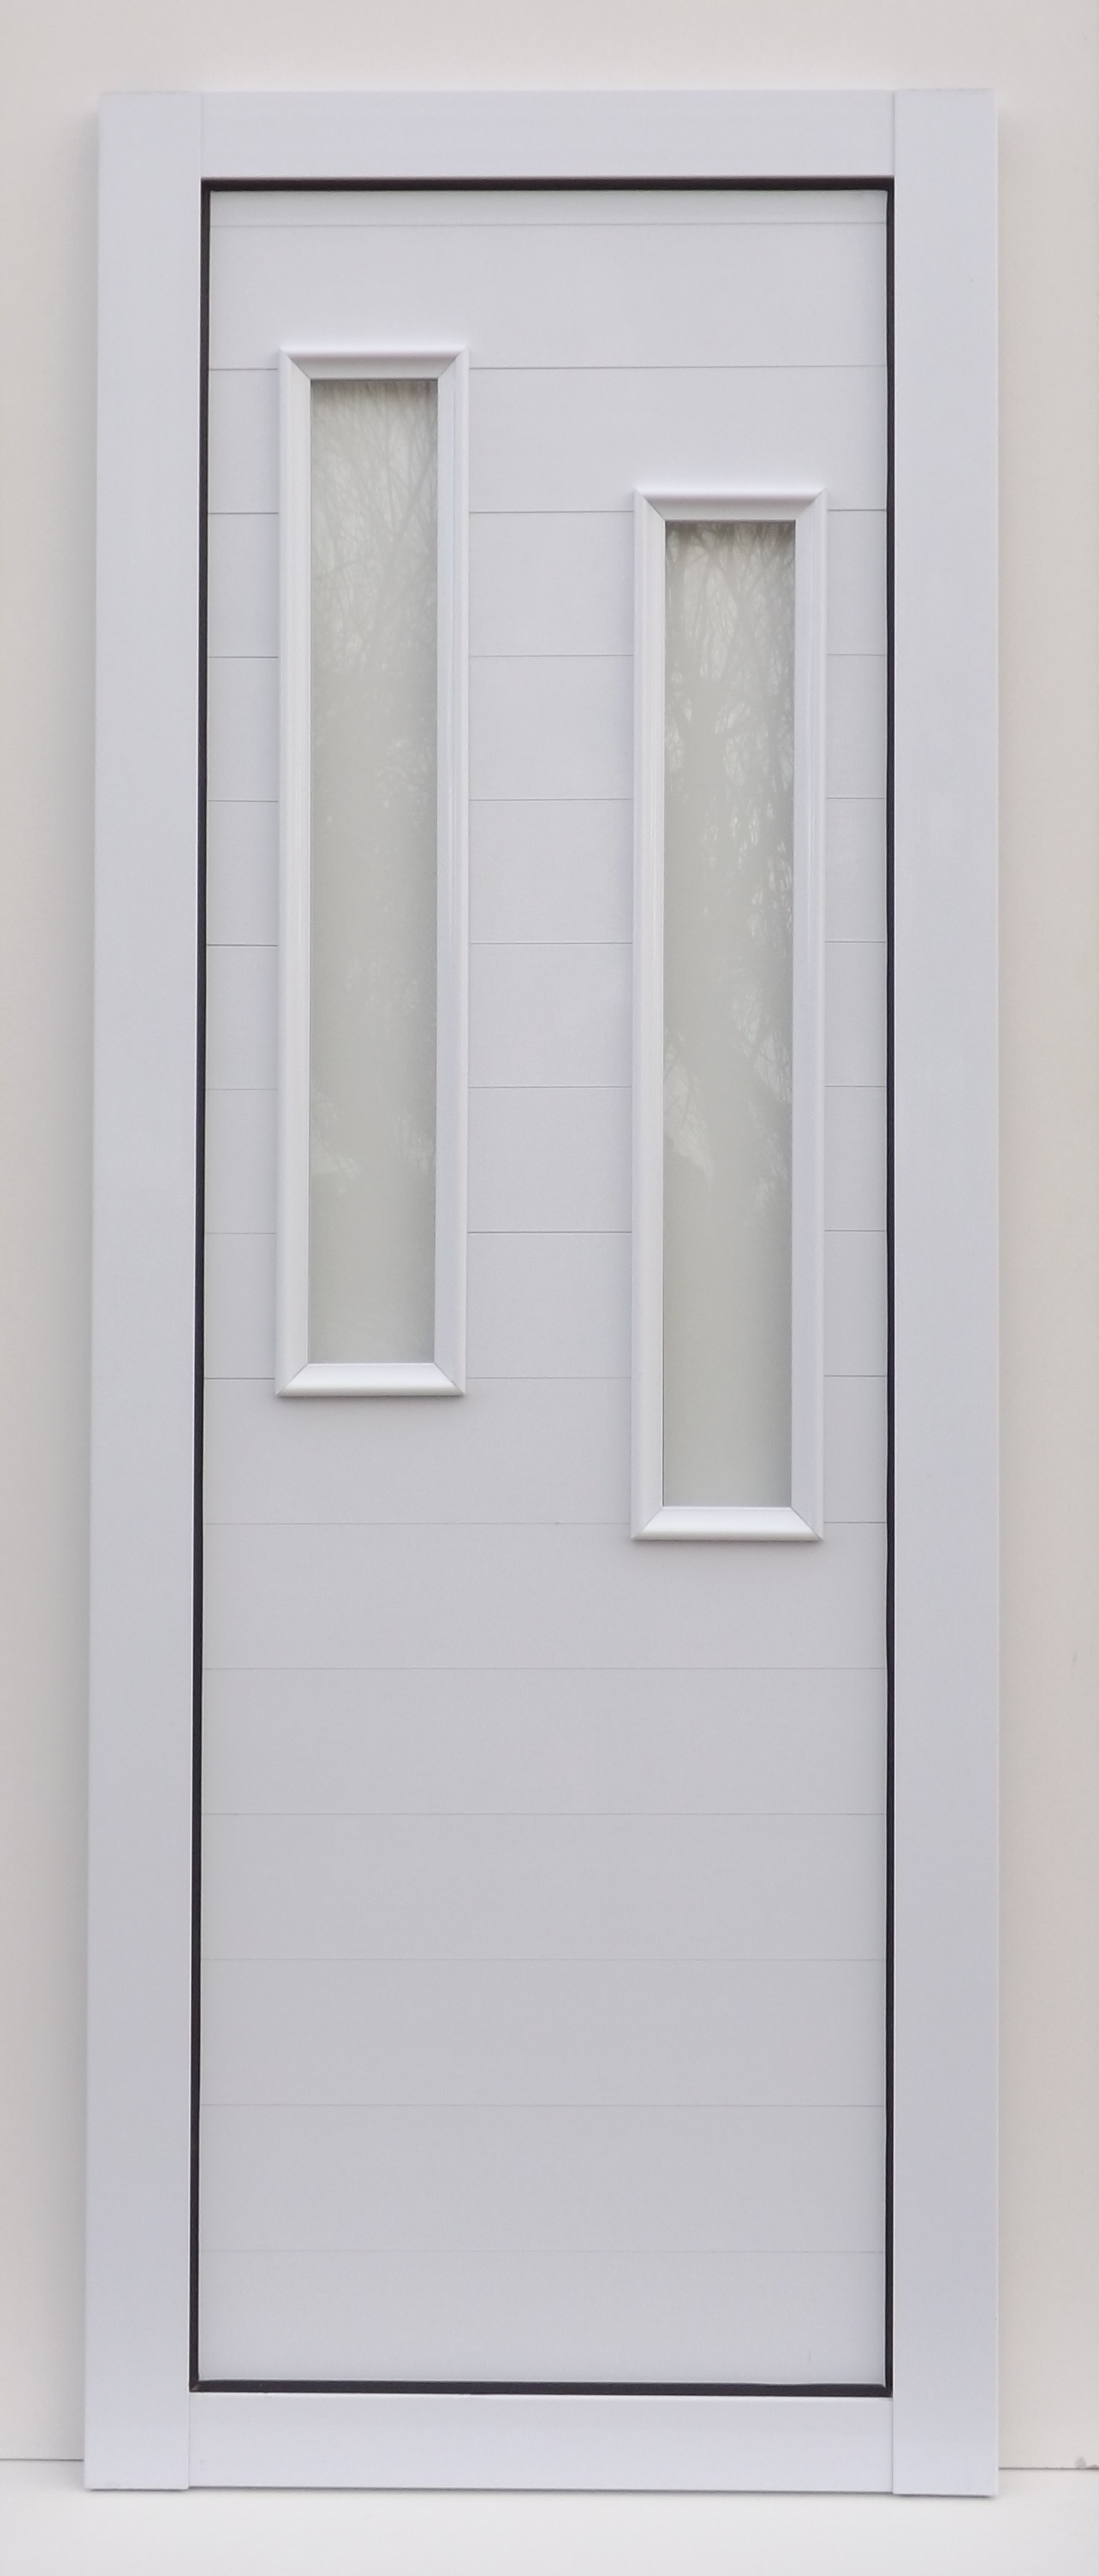 Puerta con vidrios verticales